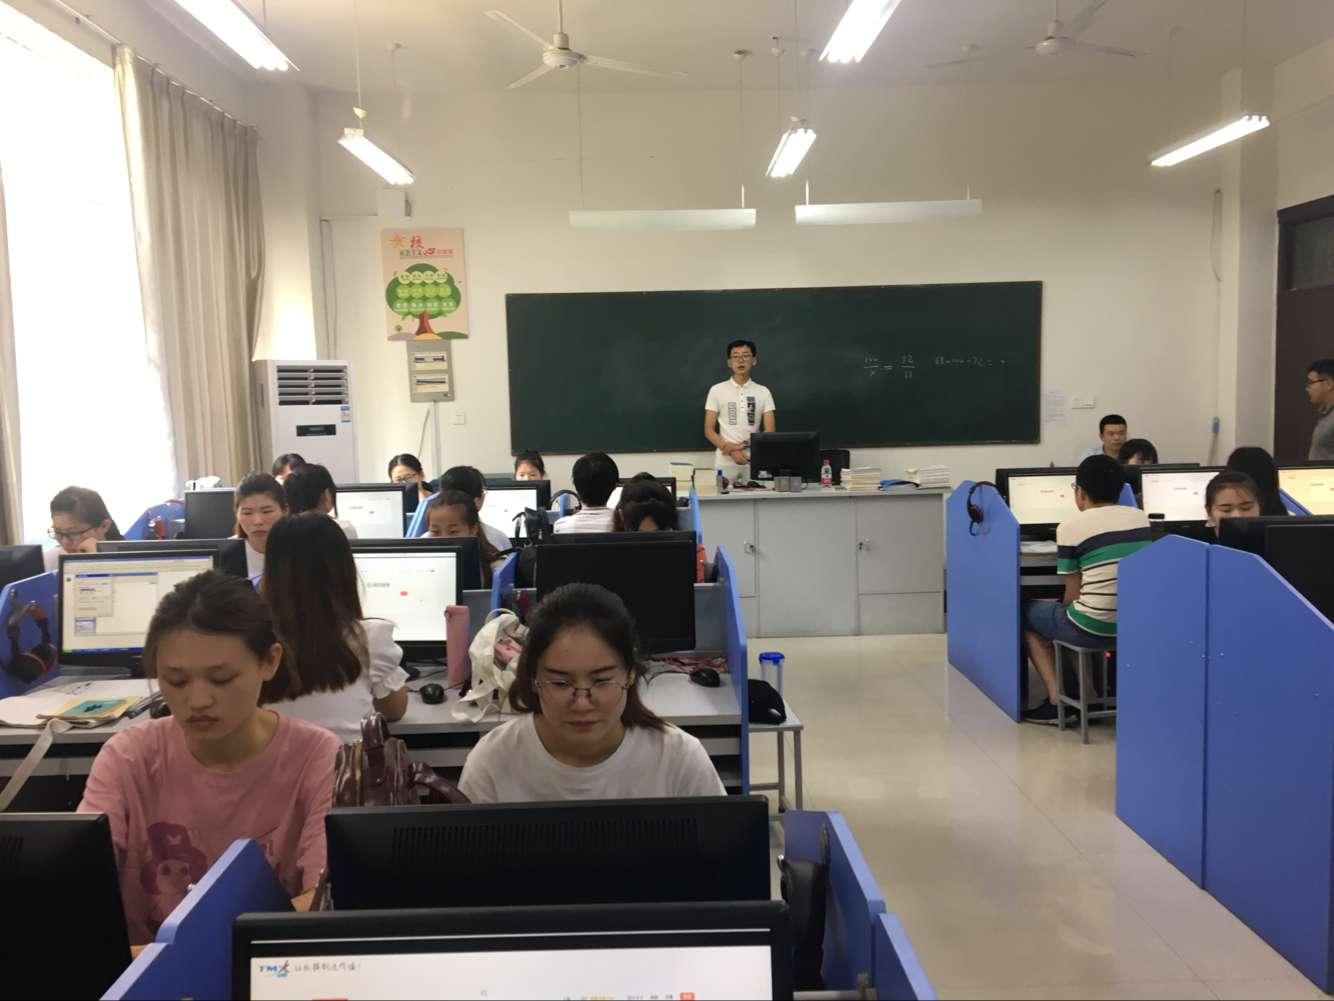 """外国语学院举办""""Tmxmall高校行""""翻译技术讲座"""